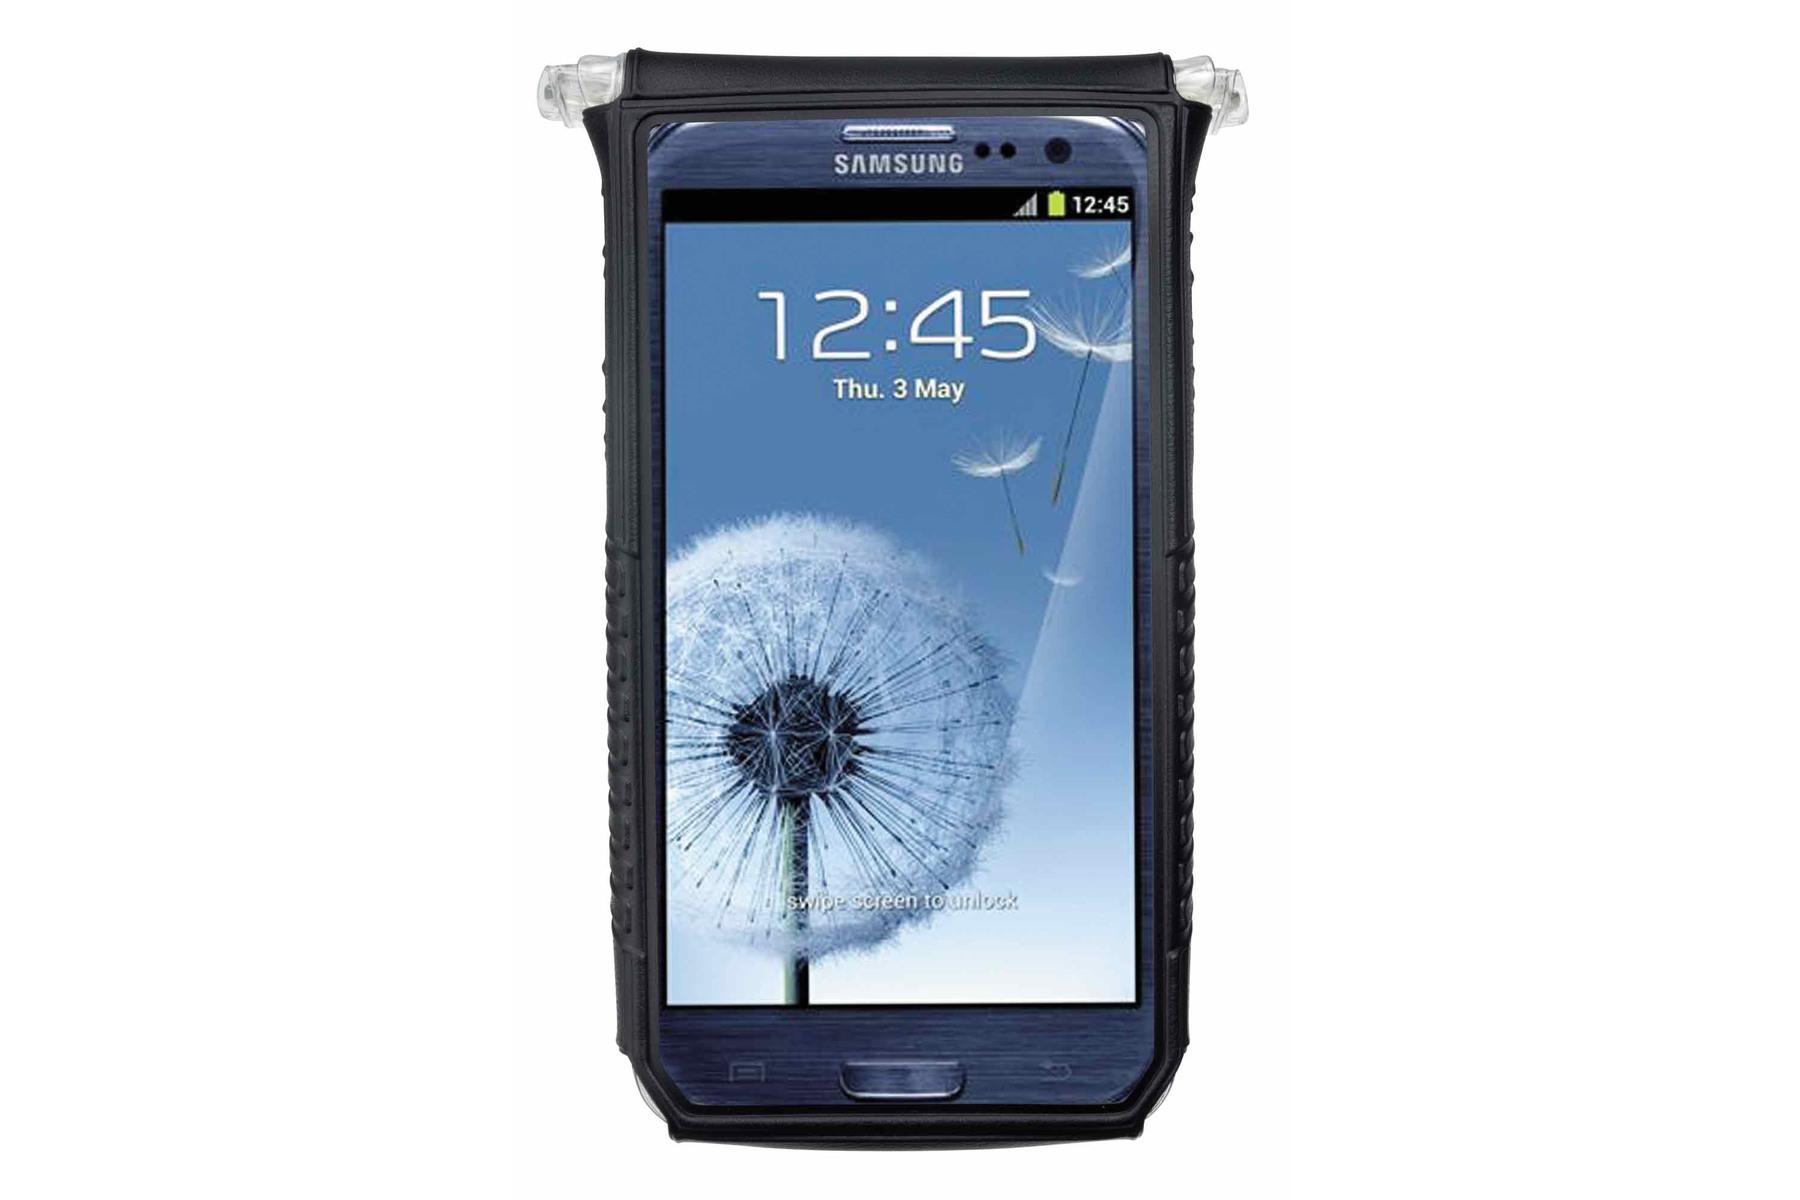 Topeak SmartPhone DryBag 4-5 Fahrradtasche